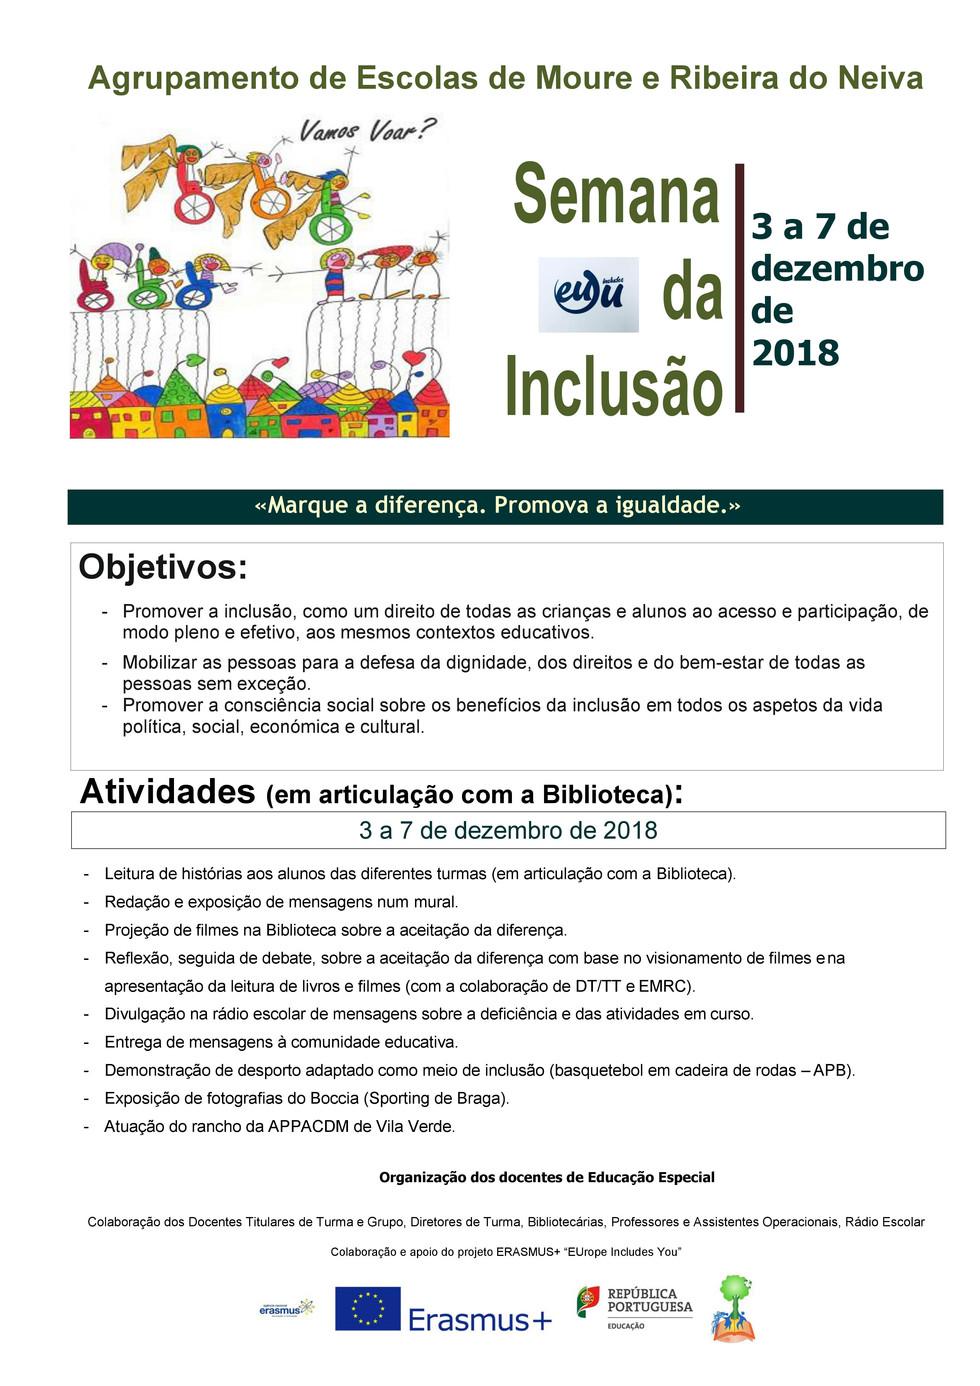 Inclusion Week